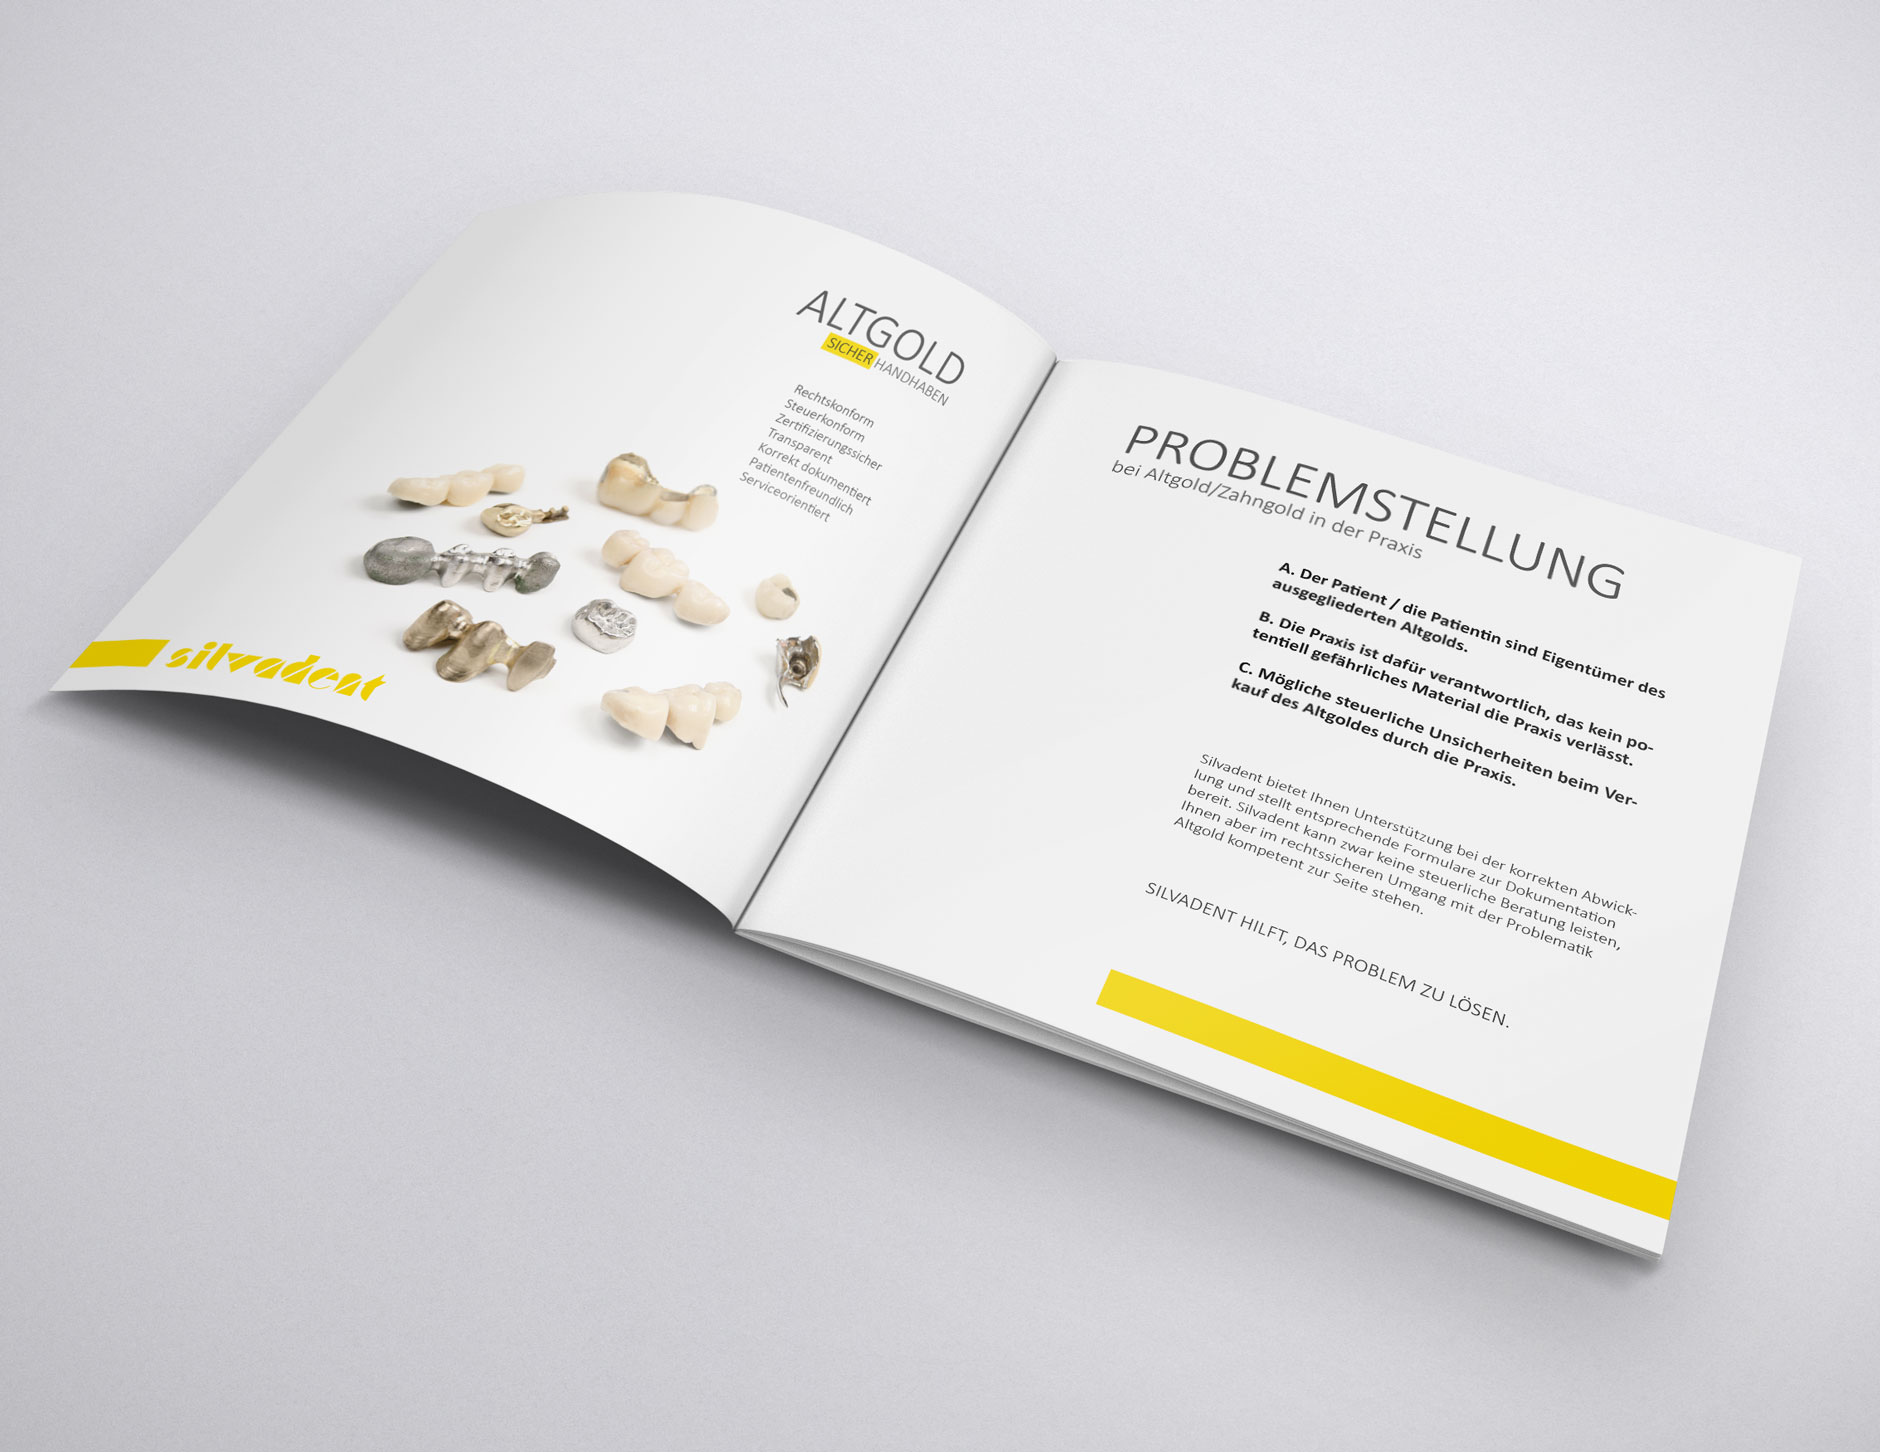 silvadent broschuere infoflyer zahngold altgold q4 23-Broschüre Silvadent